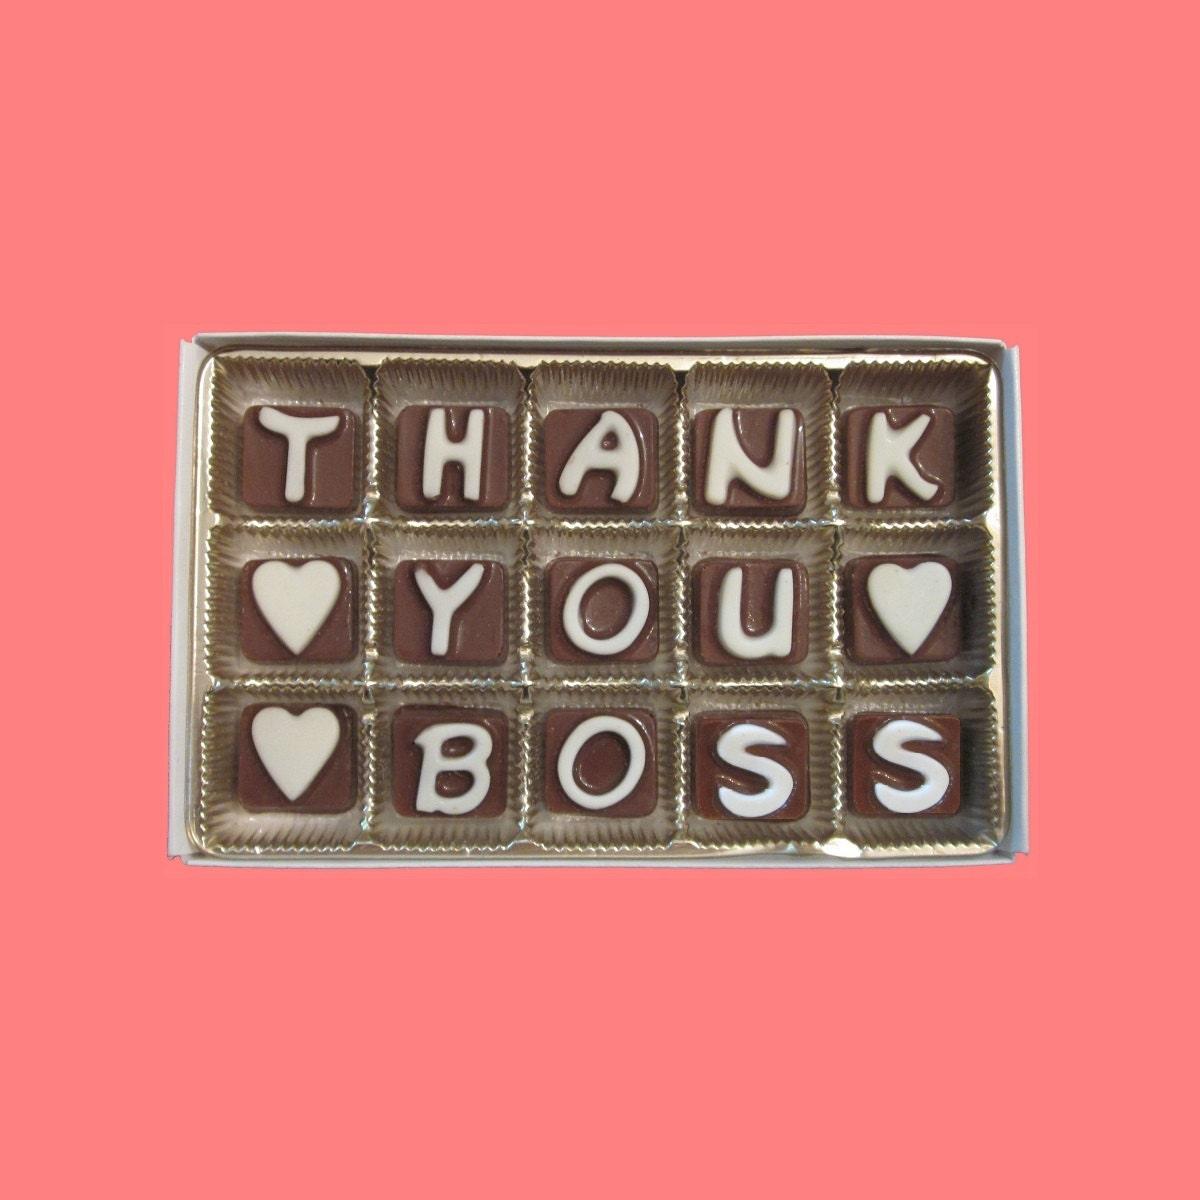 Chef Geschenk Ideen danke Chef Geschenk glücklich Chef Tag | Etsy